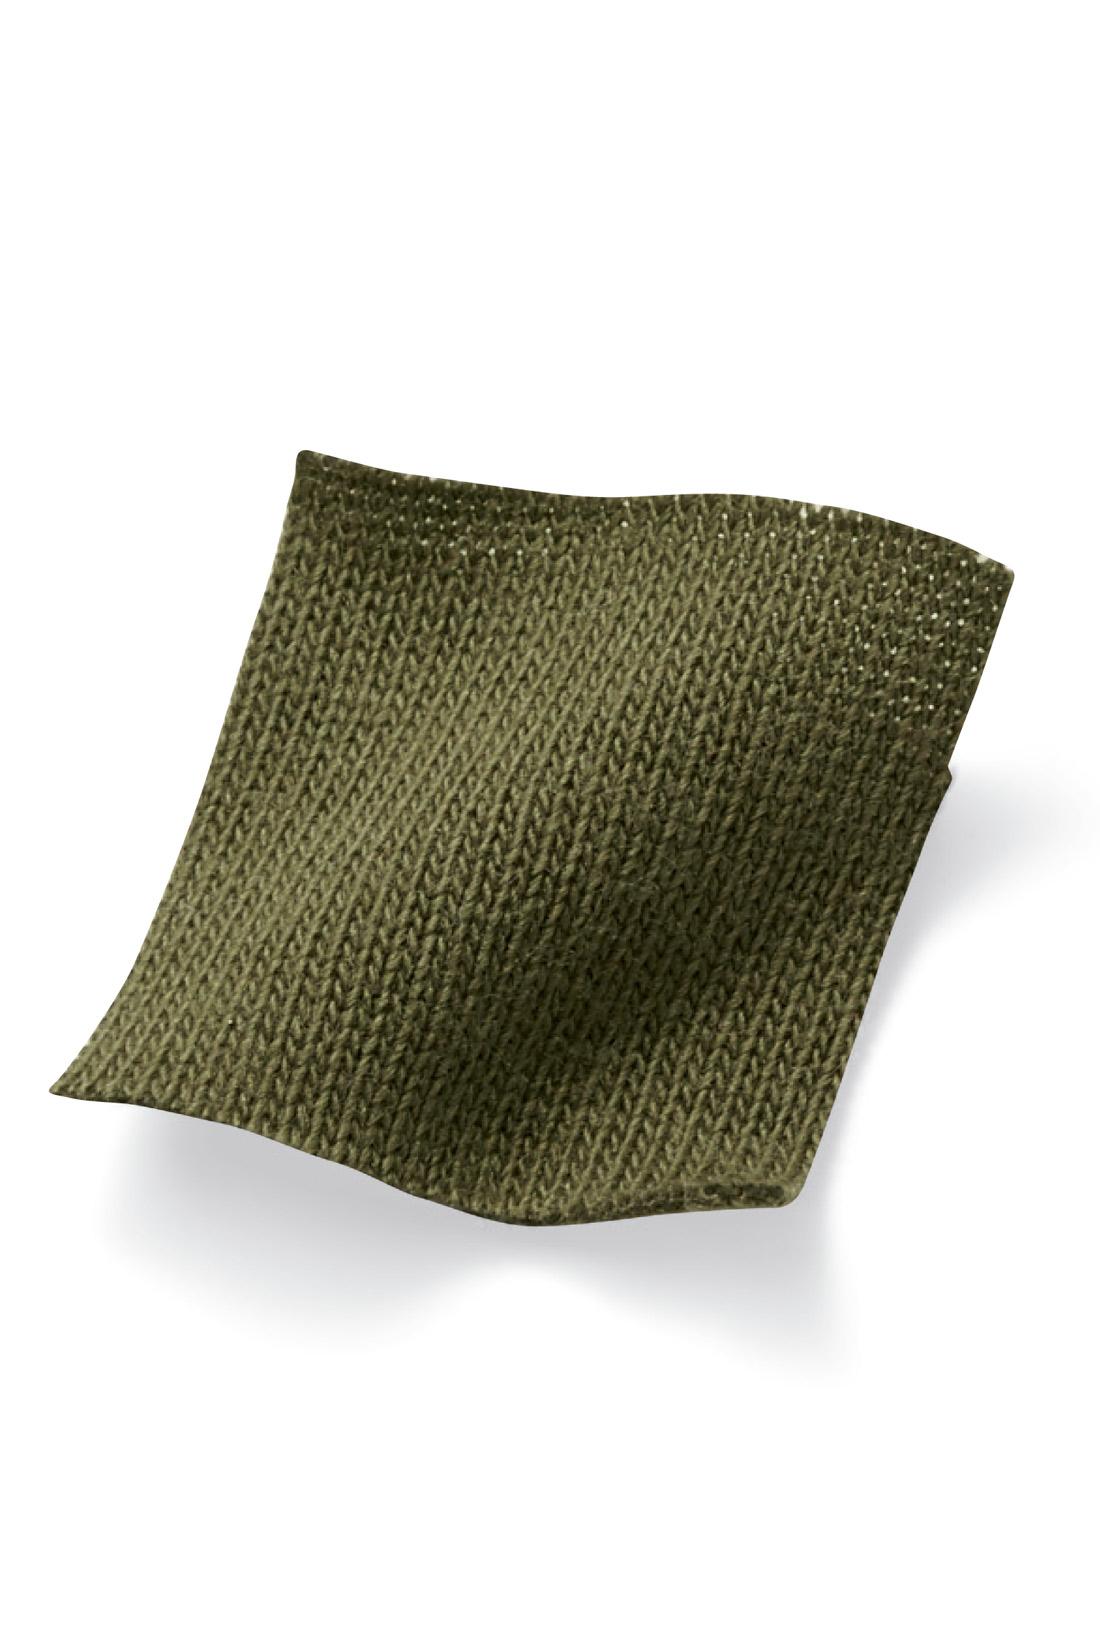 秋口に汗ばむ素肌にも心地いい、カラリとした綿混カットソー素材。※お届けするカラーとは異なります。